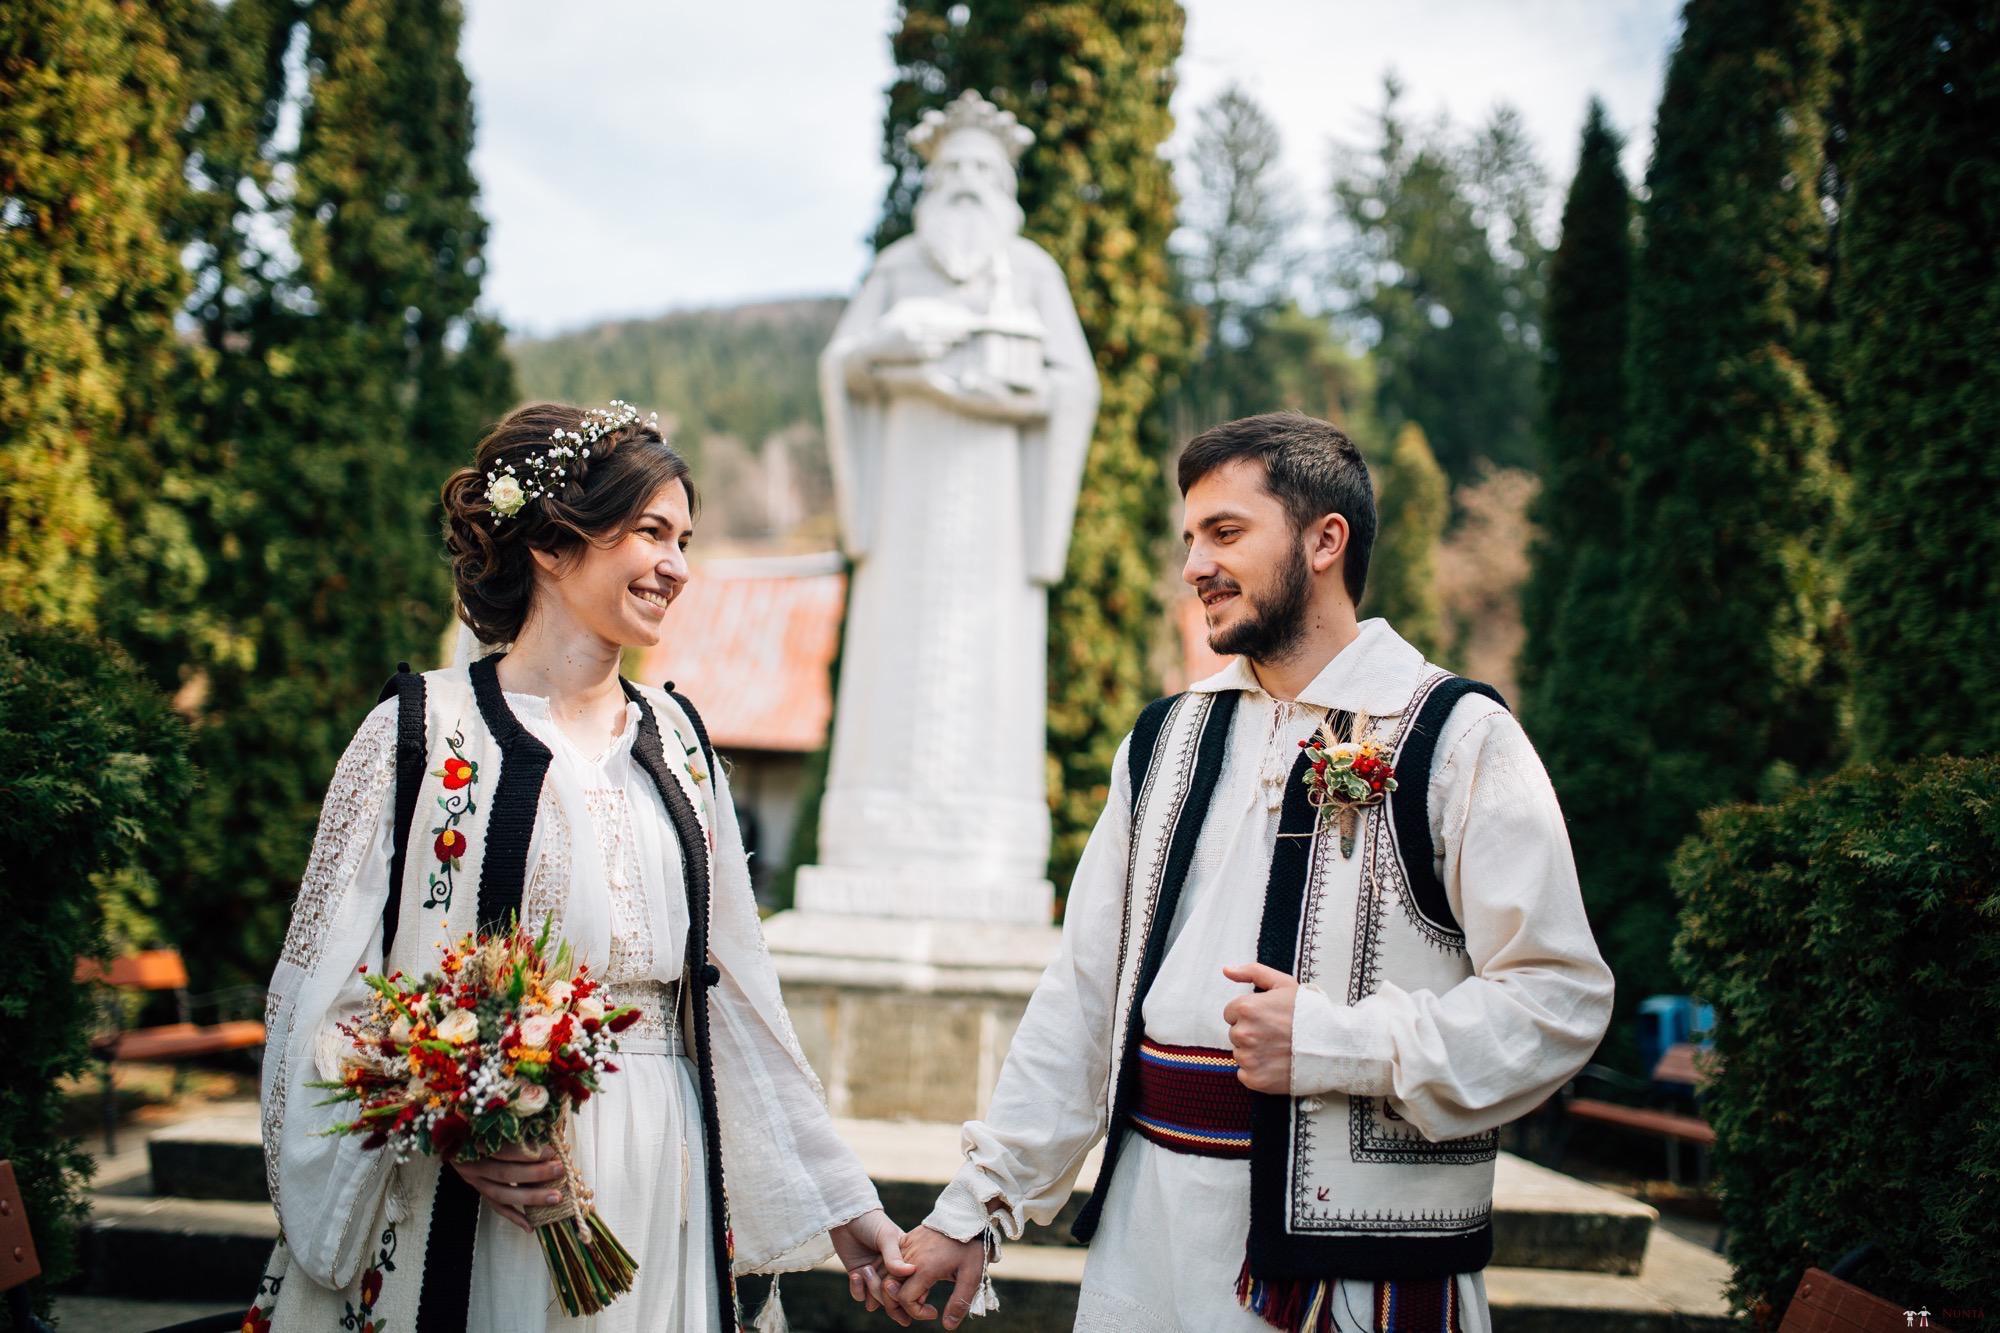 Povești Nunți Tradiționale - Gabriela și Adrian. Nuntă tradițională în Piatra Neamț 3